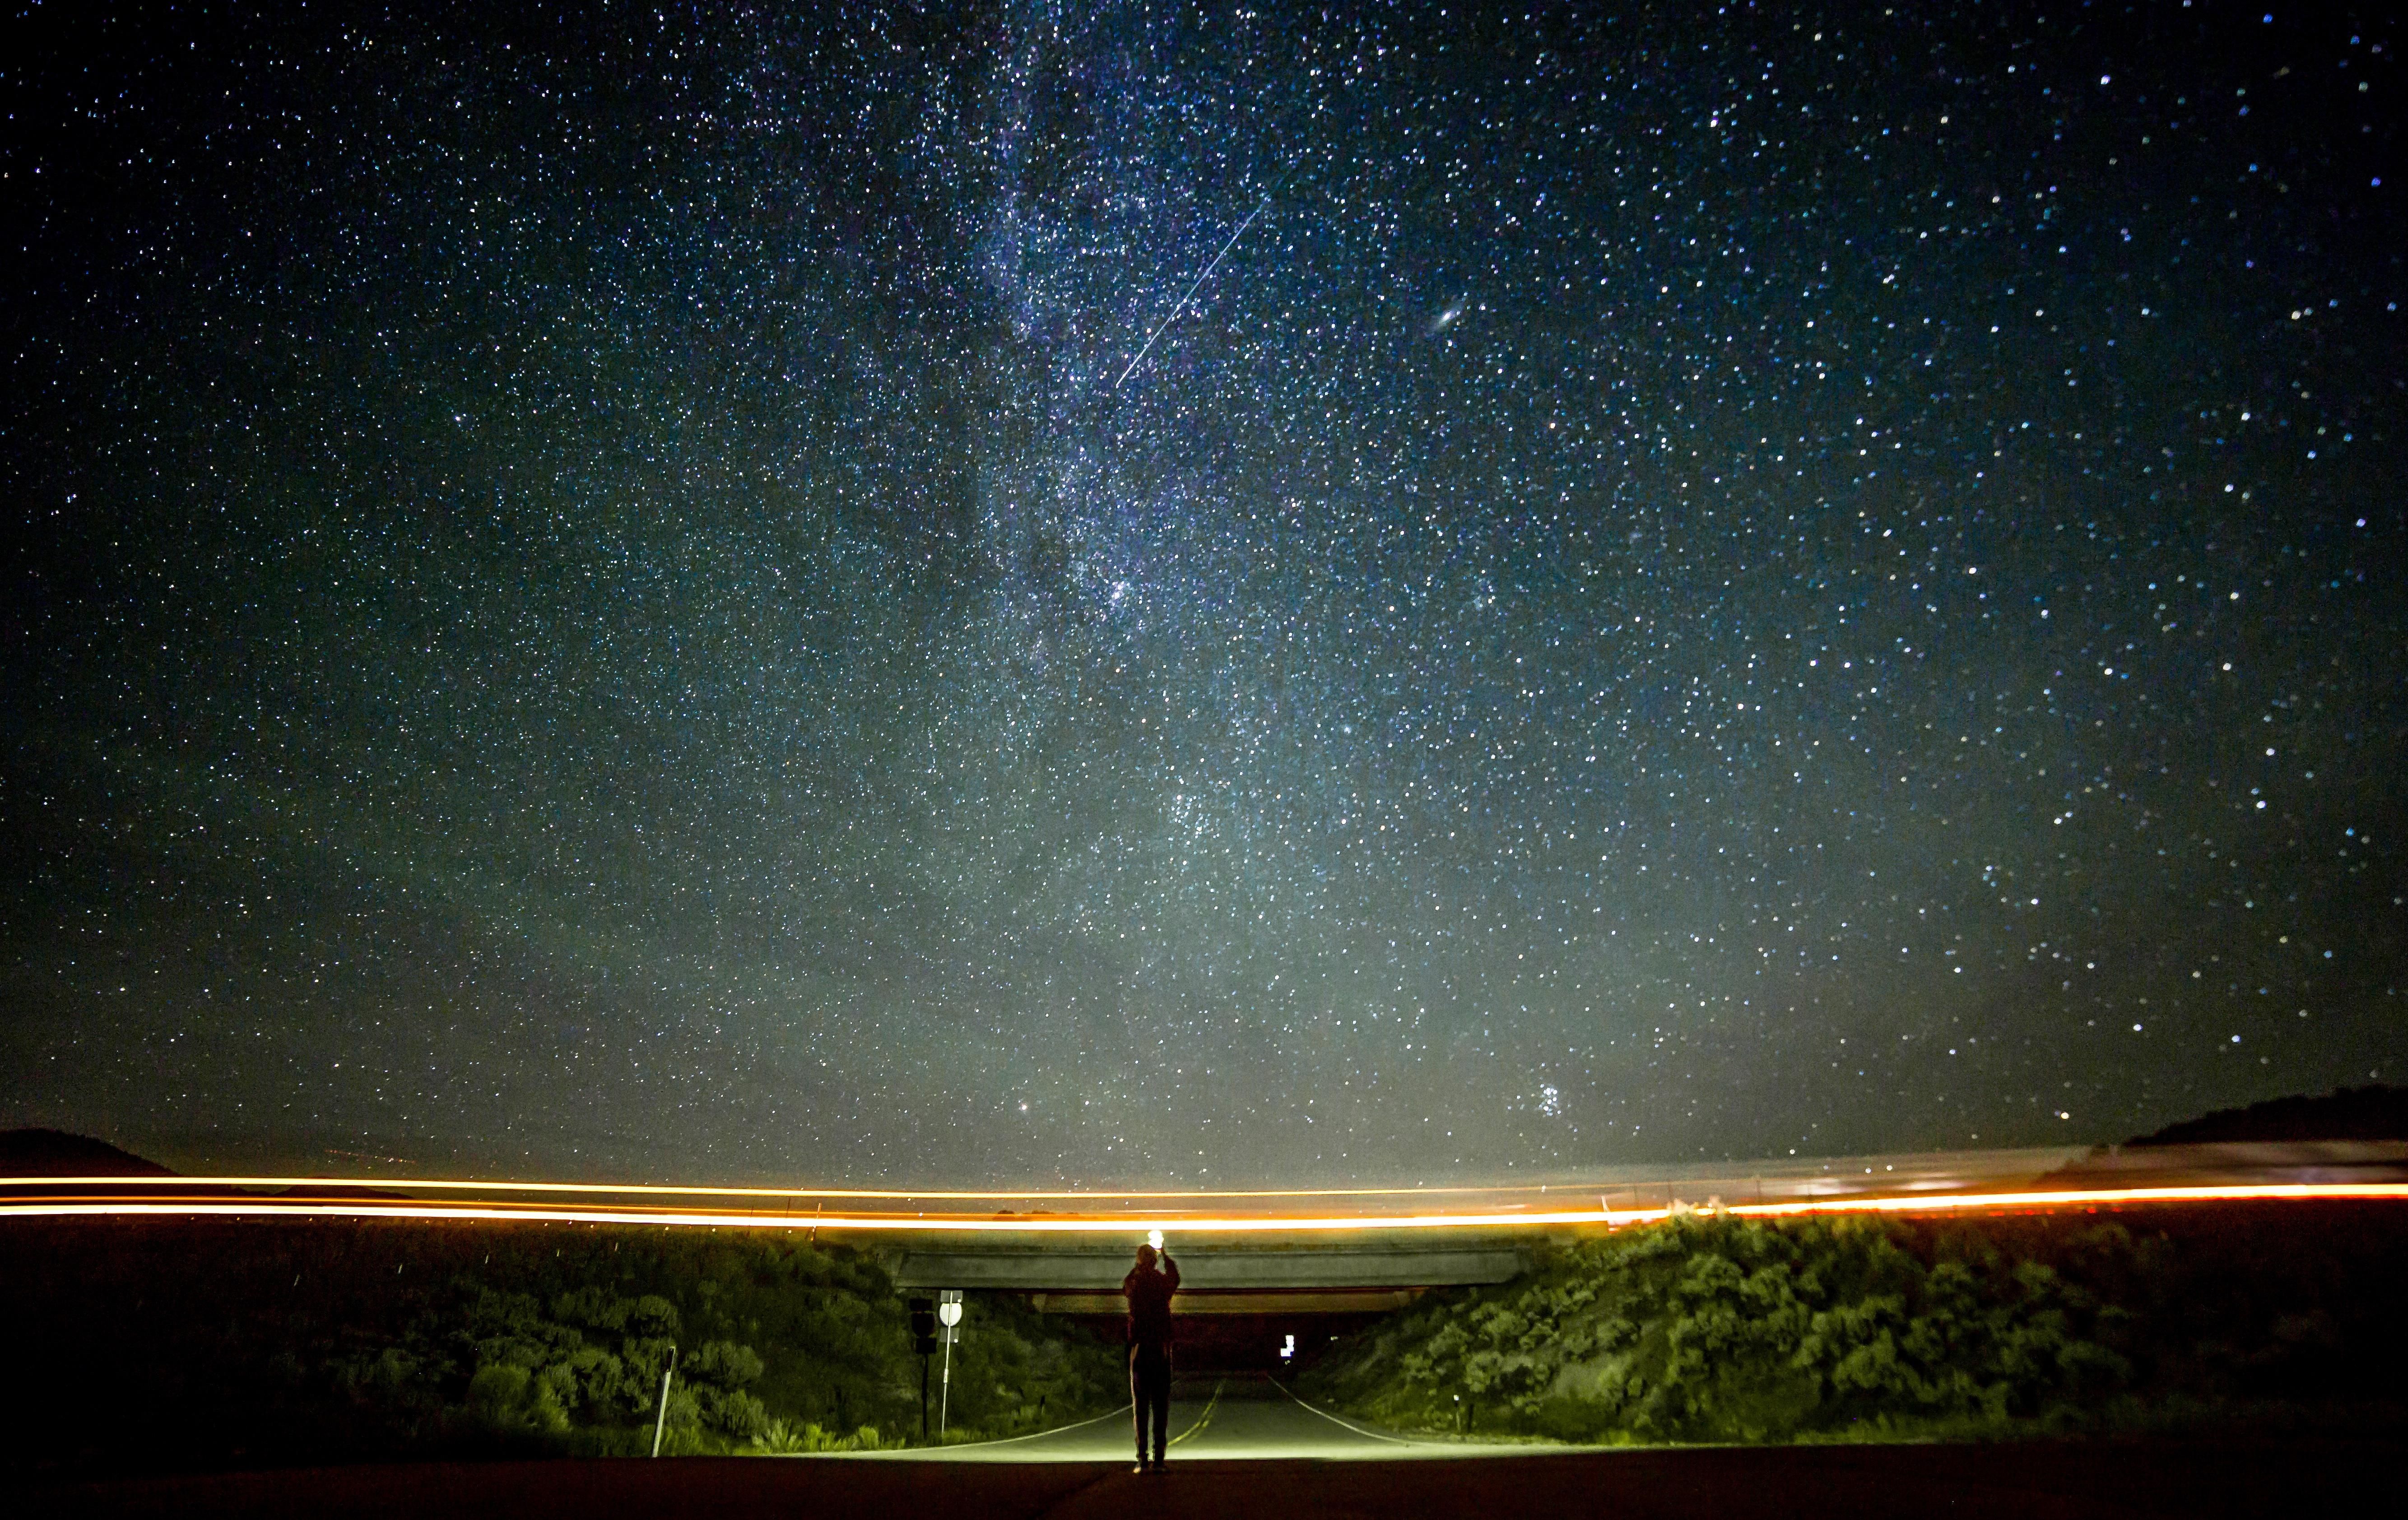 Kostenlose Foto Licht Himmel Stra E Nacht Star Milchstra E Atmosph Re Platz